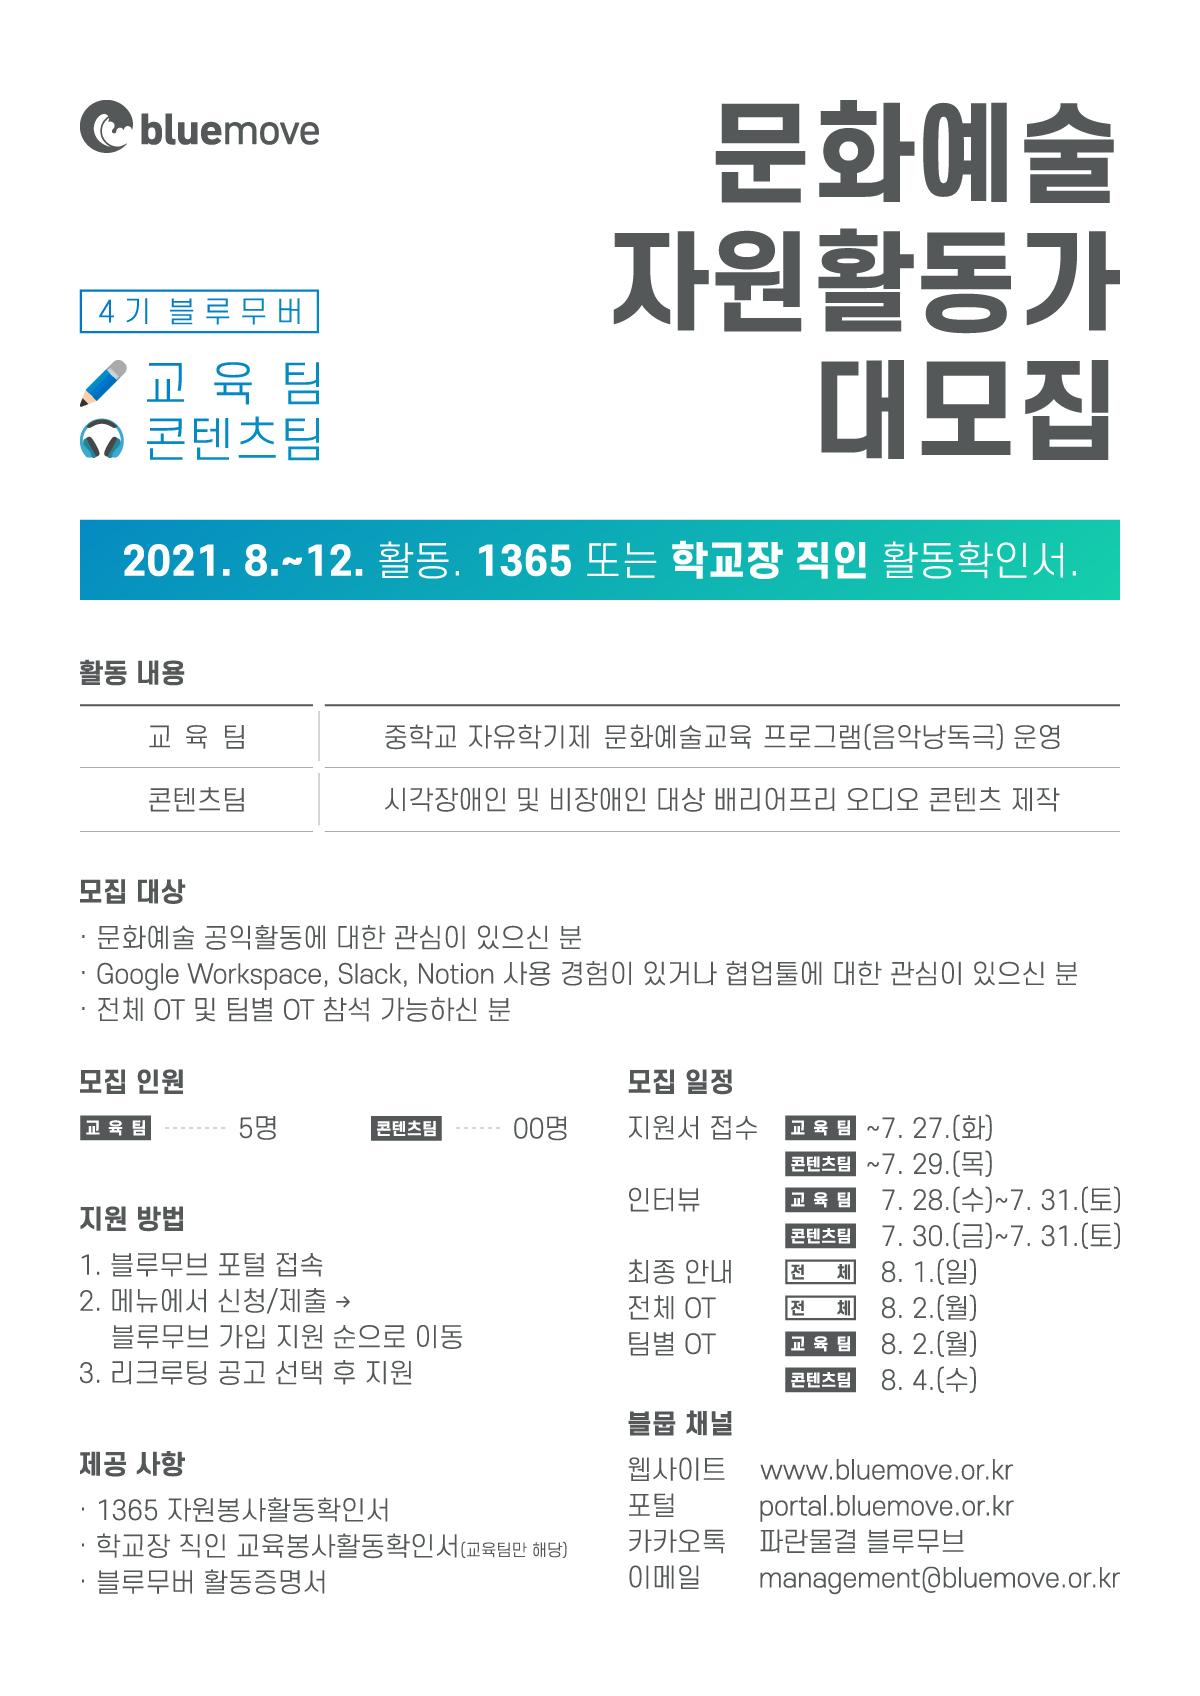 문화예술 자원활동가 '블루무버' 4기 교육팀, 콘텐츠팀 리크루팅